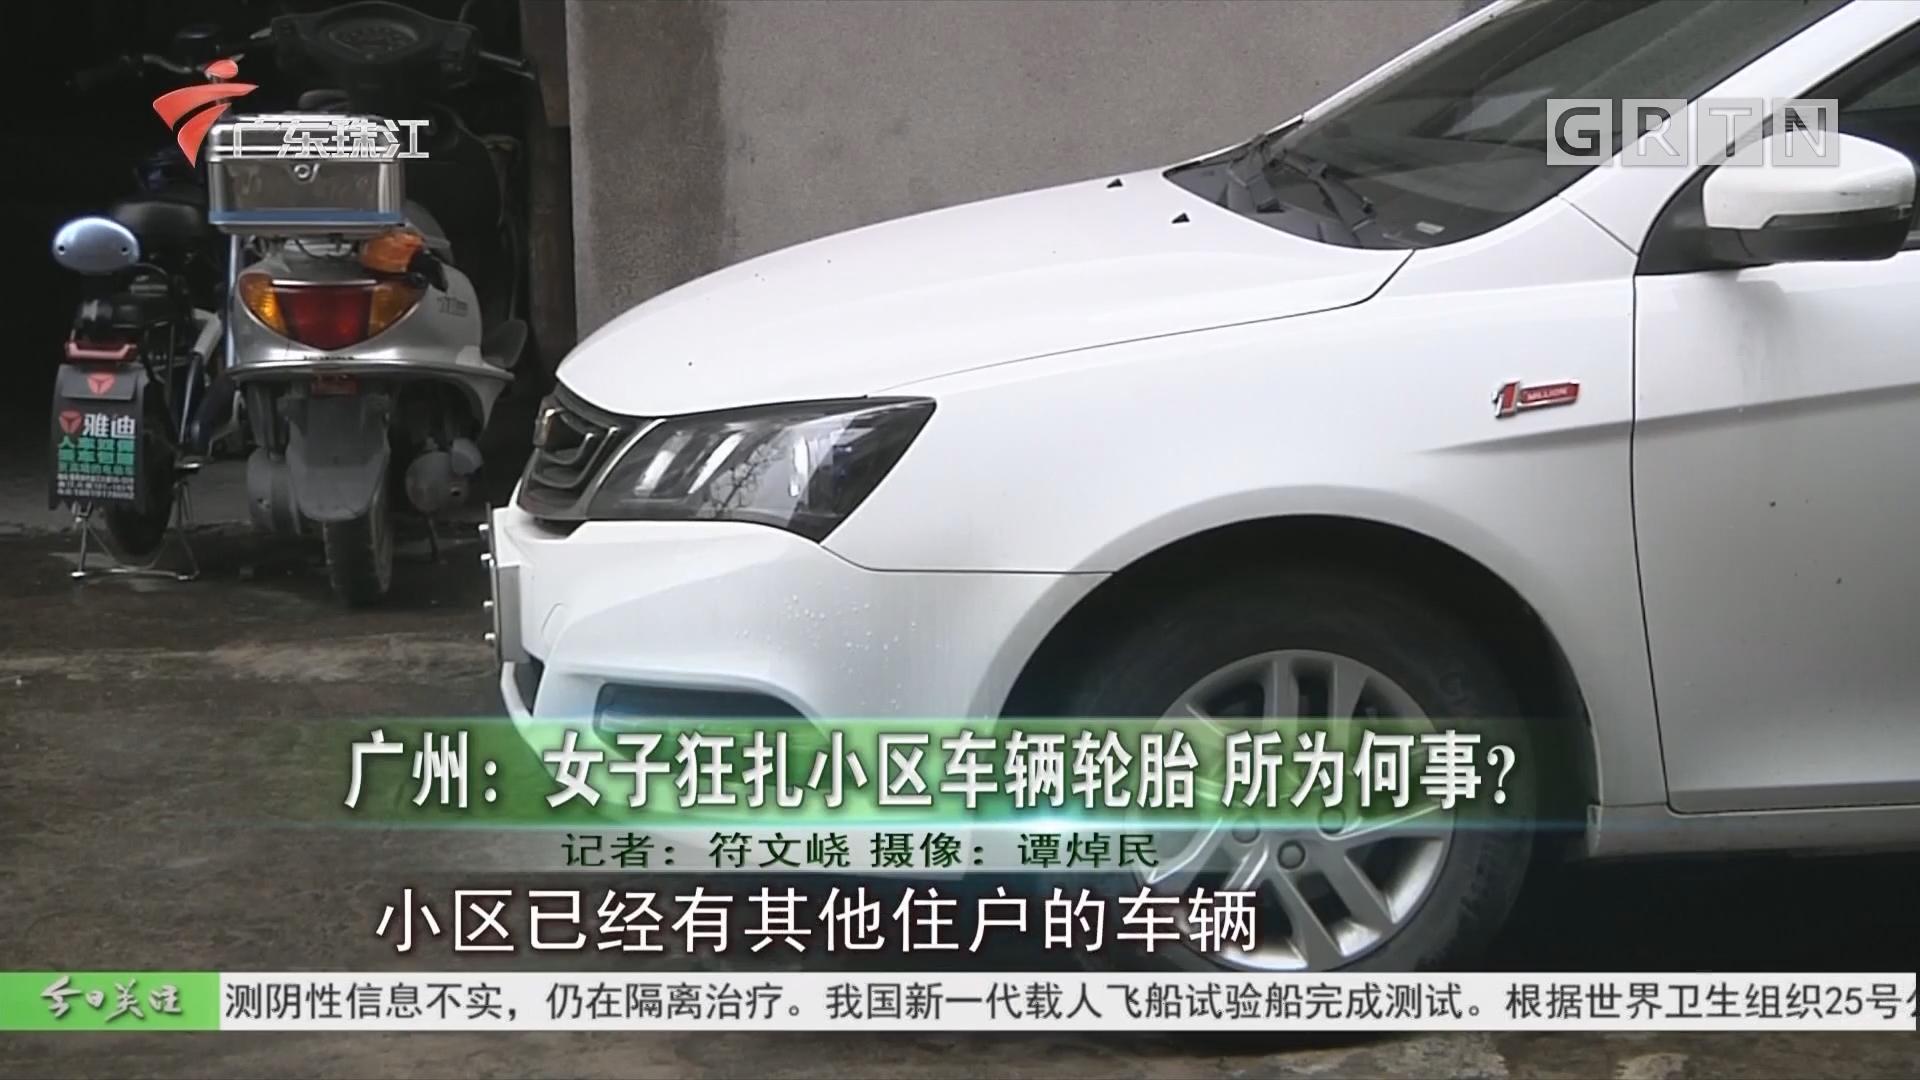 广州:女子狂扎小区车辆轮胎 所为何事?